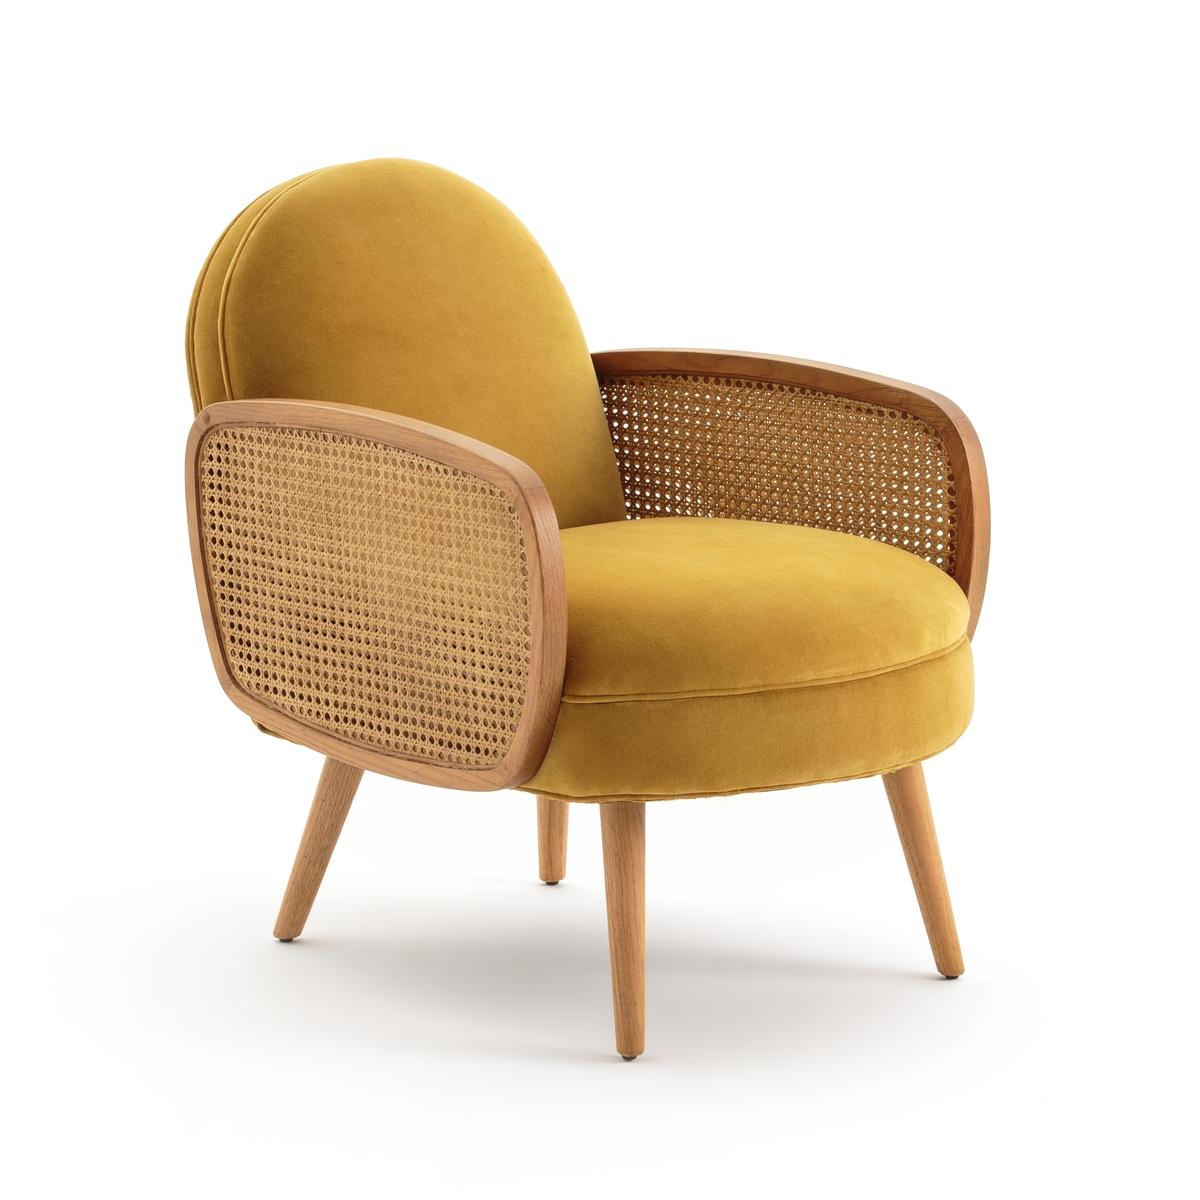 Кресло BUISSEAU с велюровой и плетеной отделкойОписание:Сочетание велюра и деревянного каркаса делают кресло Buisseau изысканным и очень элегантным.Размеры кресла Buisseau: •  Длина: 59,30 см. •  Высота: 75,40 см. •  Глубина: 82,10 см. •  Сиденье: Д.54/43 x В.45 x Г.55 см. •  Высота подлокотников: 59 см.Описание кресла Buisseau:Обивка: •  Обивка: велюр, 100% полиэстер. •  Наполнитель: пенополиуретан, 28 кг/м? . •  Система эластичных ремней. •  Мягкое сиденье.Характеристики кресла Buisseau: •  Каркас из сосны, подлокотники и веретенообразные ножки из массива дуба. •  Отделка подлокотников краской черного цвета, нитролаком желтого цвета с имитацией дуба. •  Двойное плетение внутри подлокотников. •  Пластиковые защитные накладки.Другие модели кресел вы найдете на  laredoute.ru.Доставка:Для кресла Buisseau предусмотрена самостоятельная сборка. Доставка до квартиры! Внимание! Убедитесь, что товар возможно доставить на дом, учитывая его габариты (проходит в двери, по лестницам, в лифты). •  Каркас, подлокотники и ножки из гевеиРазмеры и вес упаковки:1 упаковка •  Д.88 x В.64 x Г.66 см, 16.6 кг.<br><br>Цвет: желтый горчичный,черный